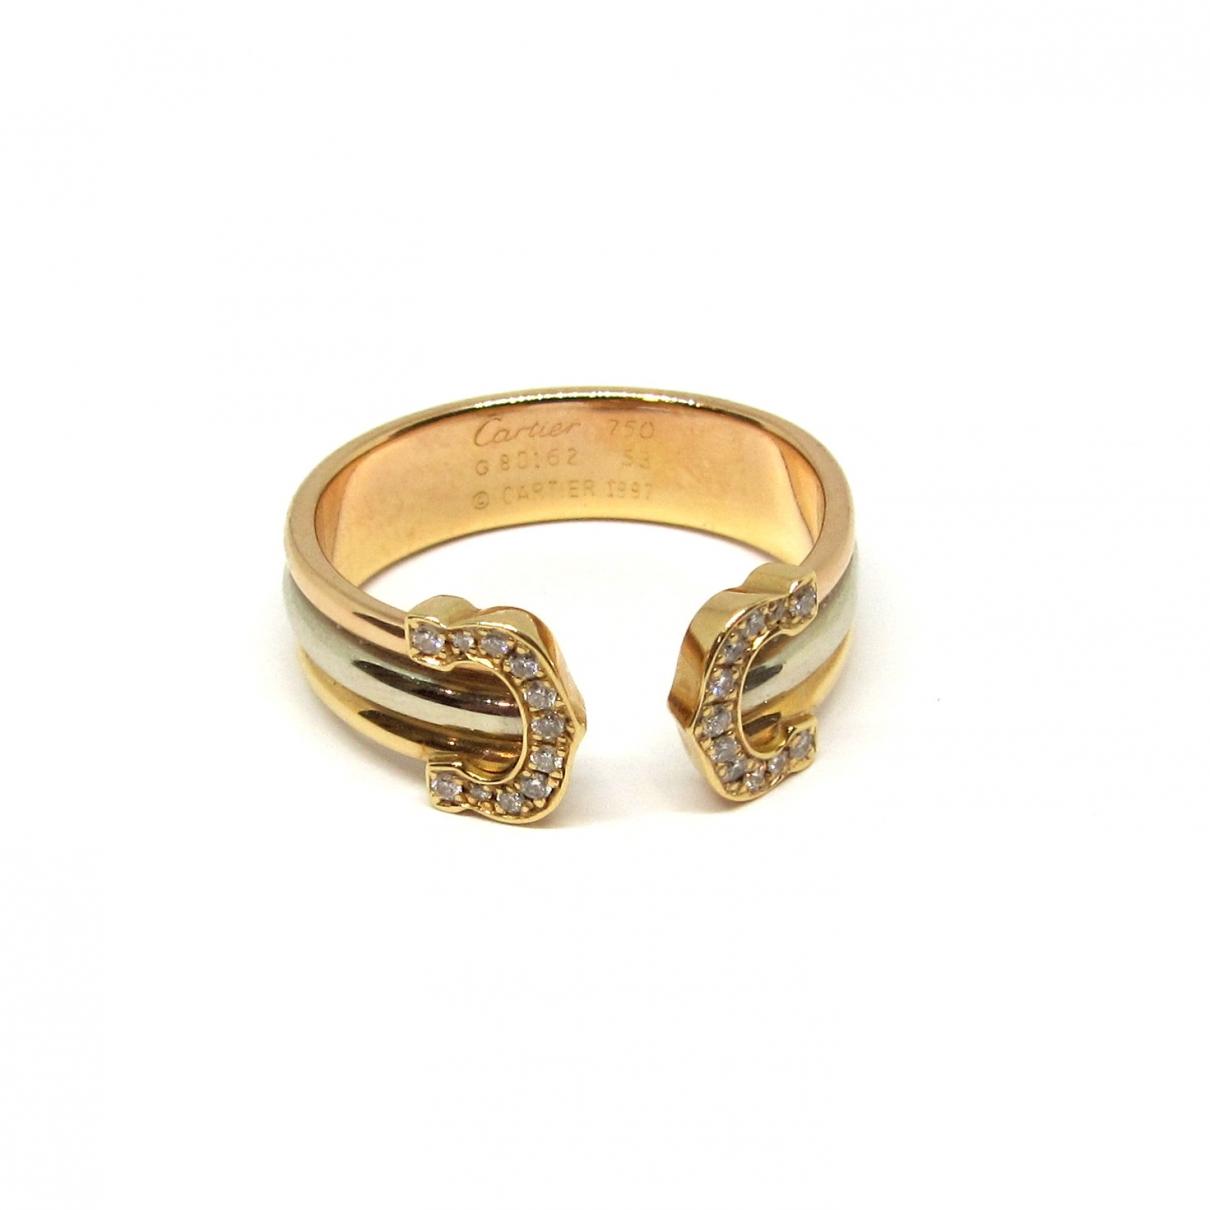 Cartier - Bague C pour femme en or jaune